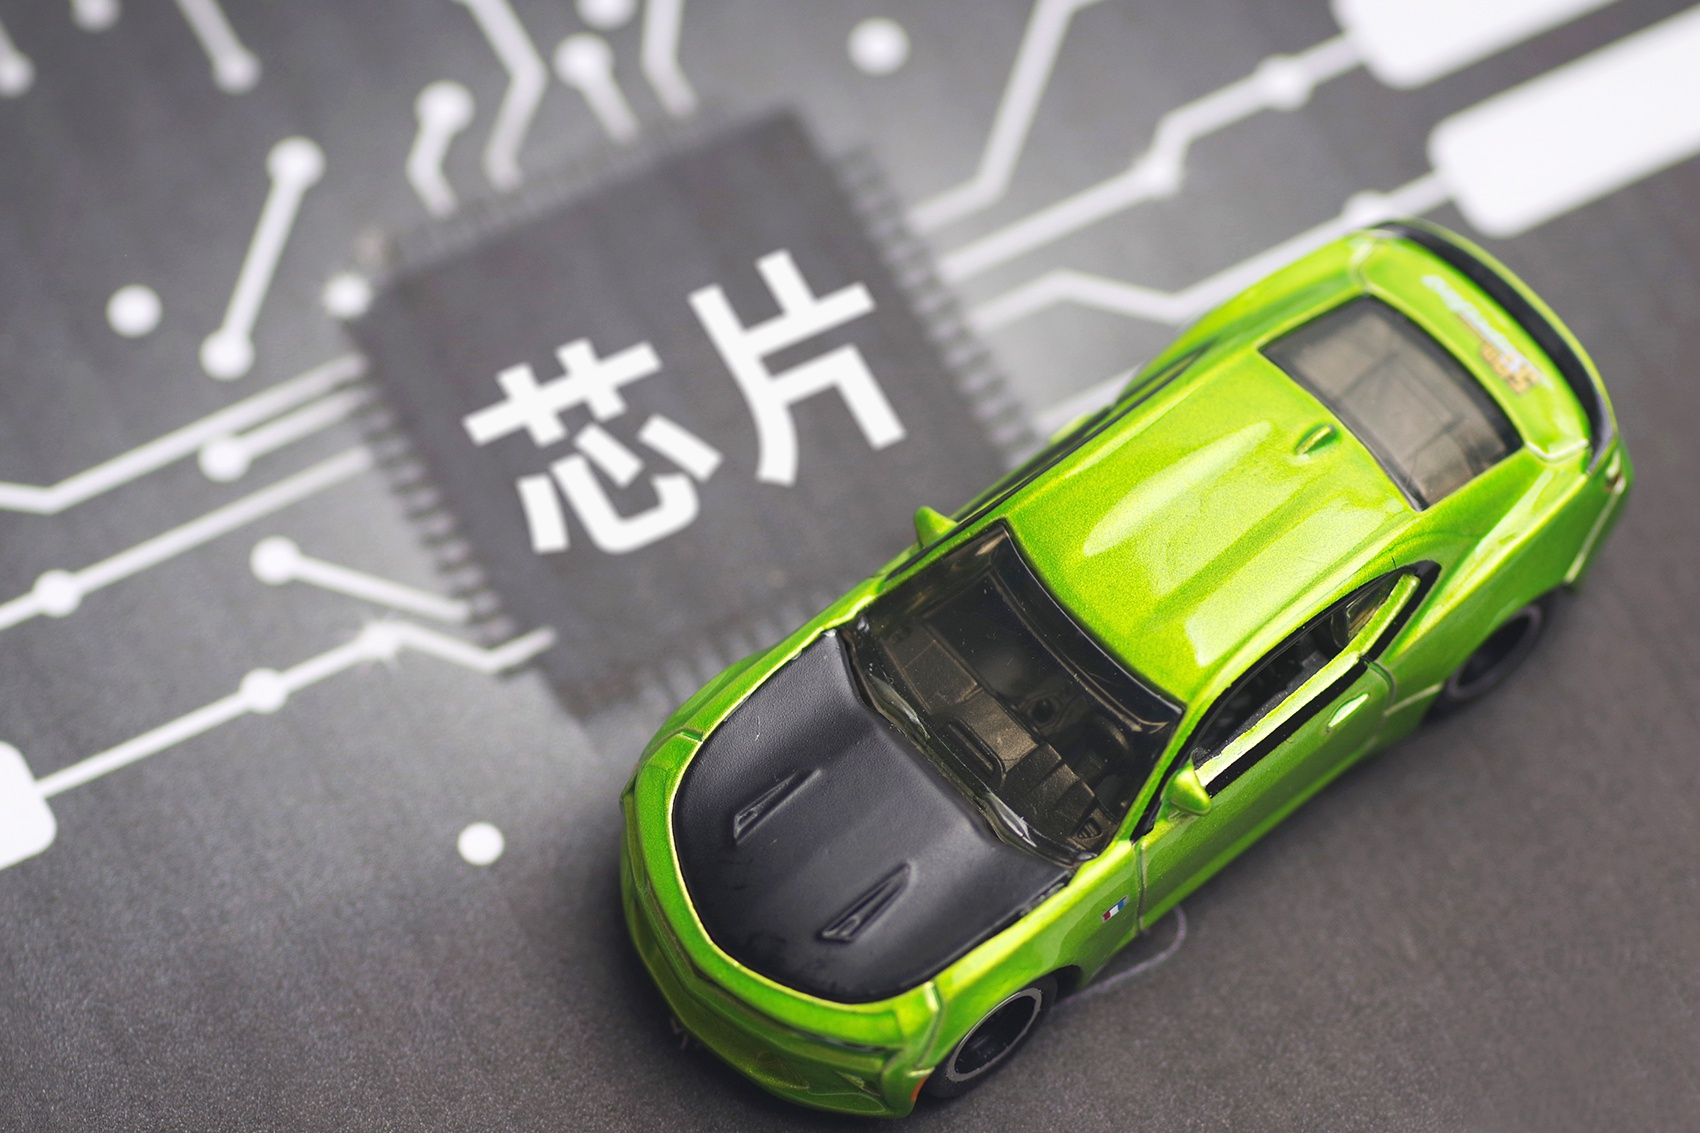 """手机""""缺芯""""渐好转,汽车""""缺芯""""仍持续,车规级芯片国产化提速"""